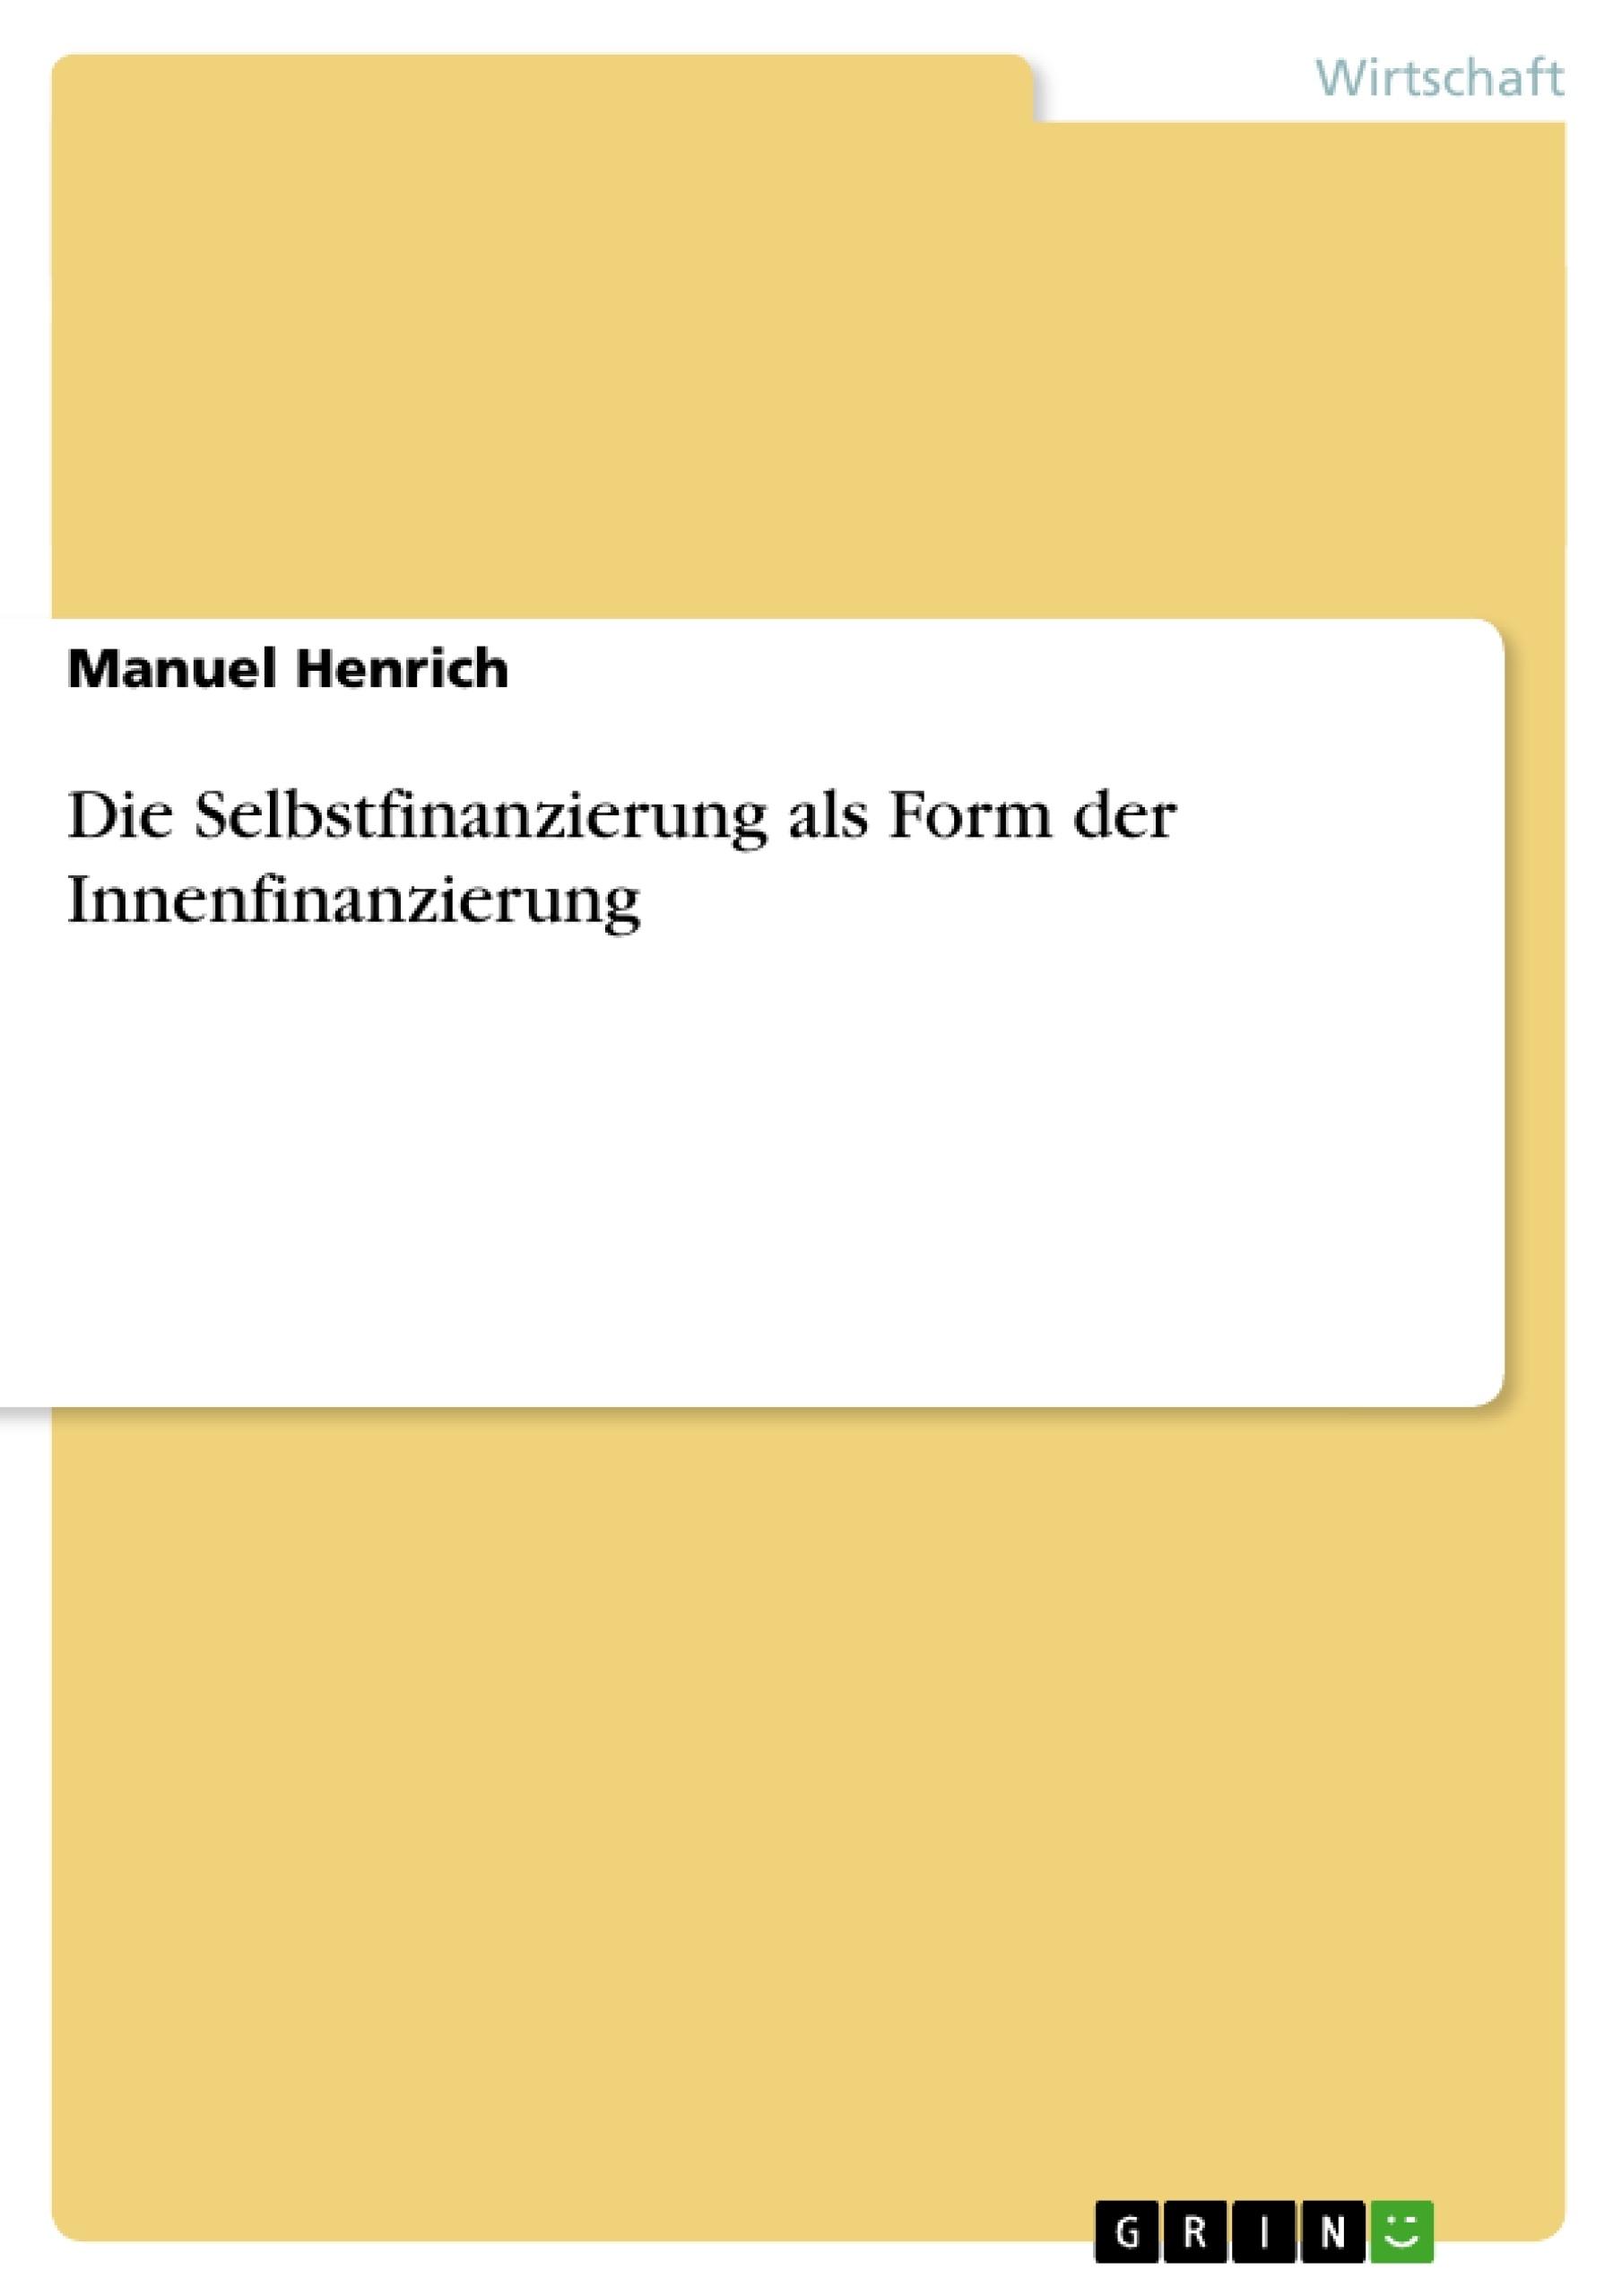 Titel: Die Selbstfinanzierung als Form der Innenfinanzierung